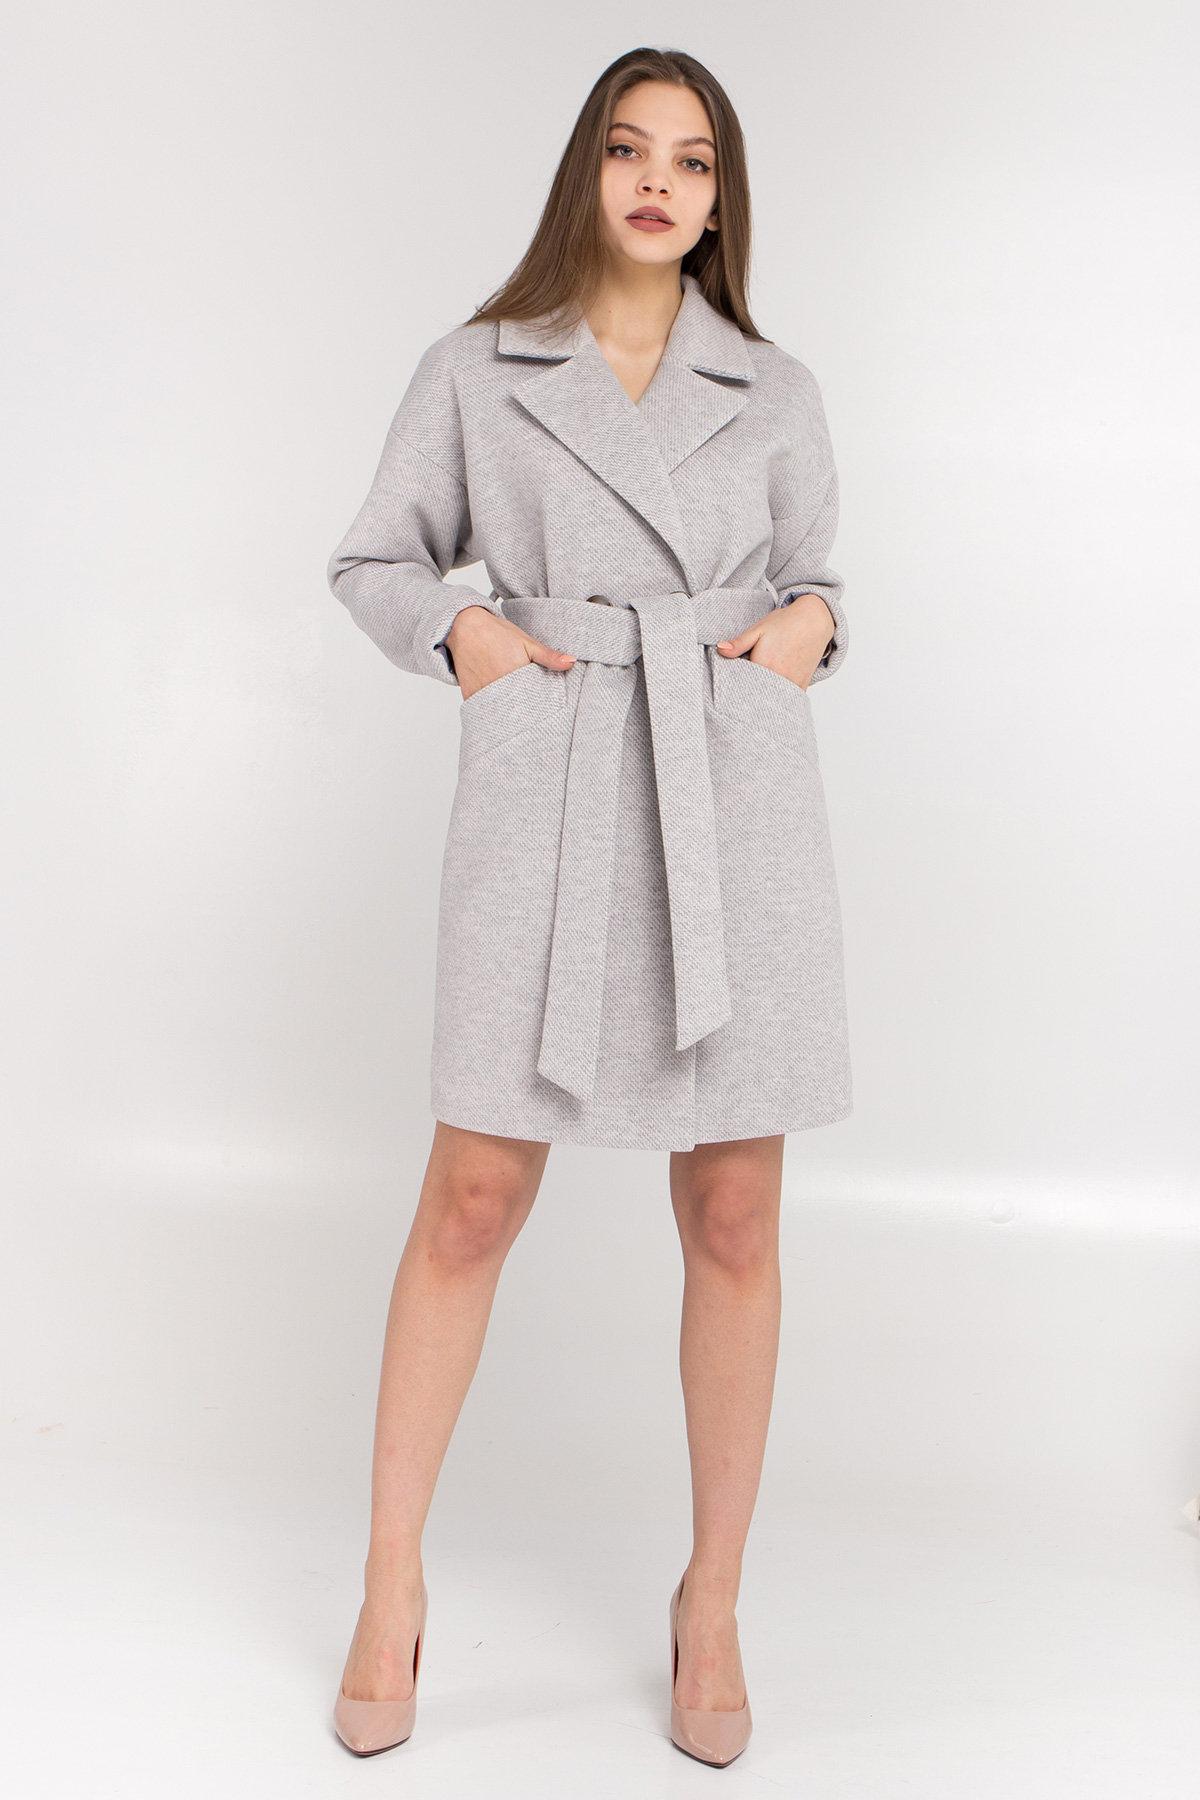 Демисезонное двубортное пальто Сенсей 8845 АРТ. 45170 Цвет: Светло серый - фото 4, интернет магазин tm-modus.ru